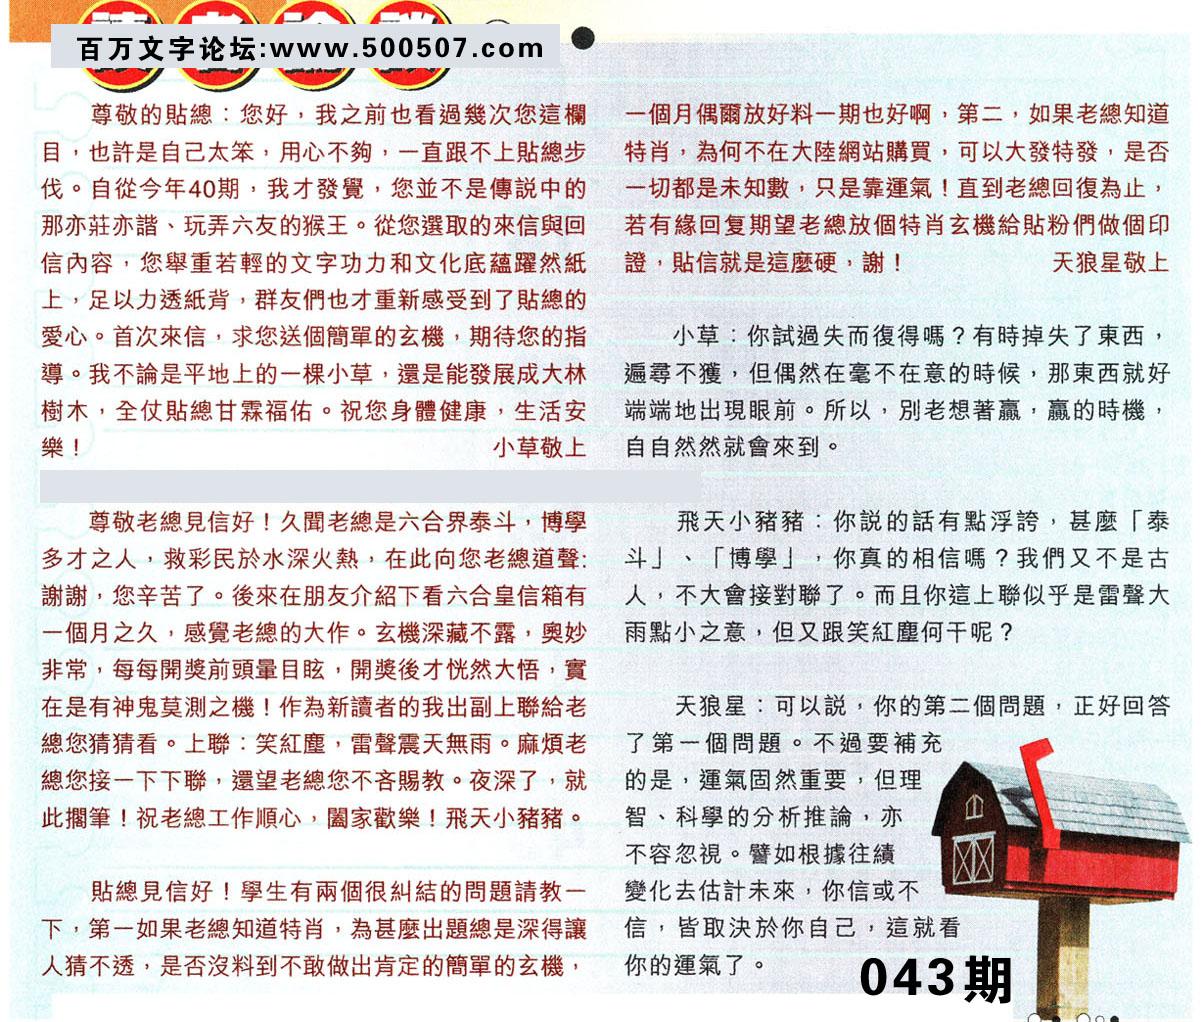 043期:彩民推荐�N信�x者���